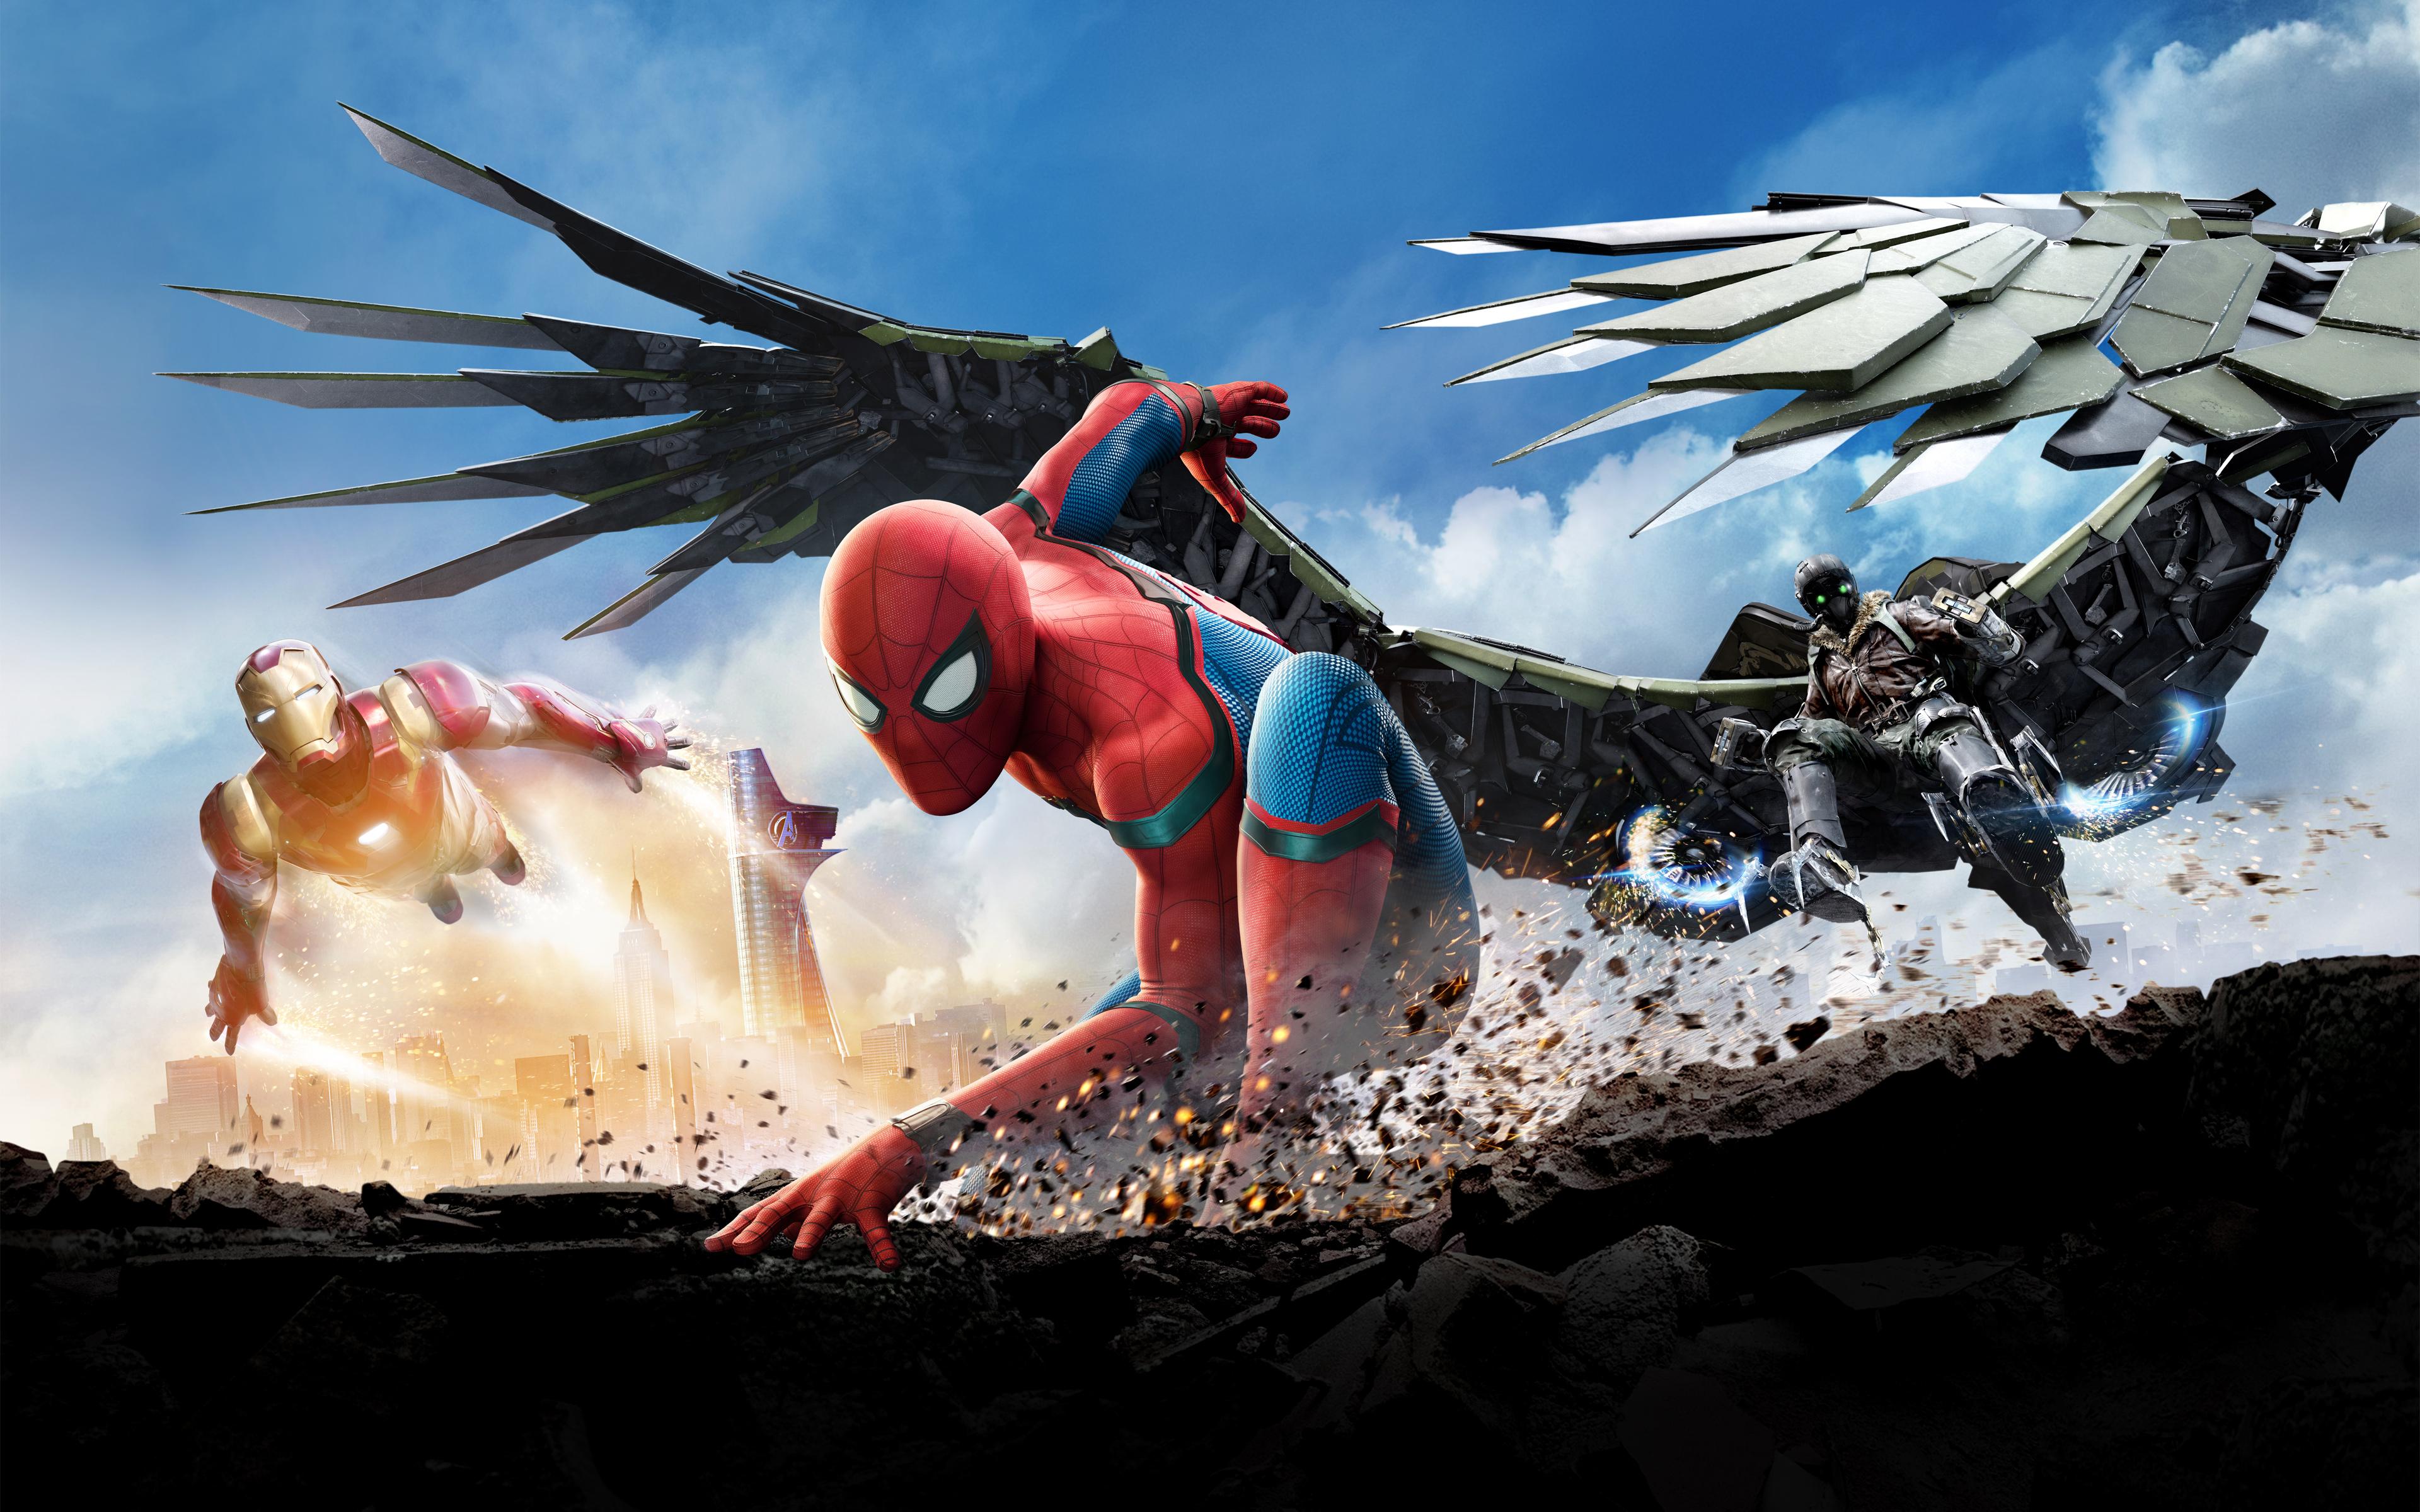 Человек-паук возвращение 4к 8к. обои скачать